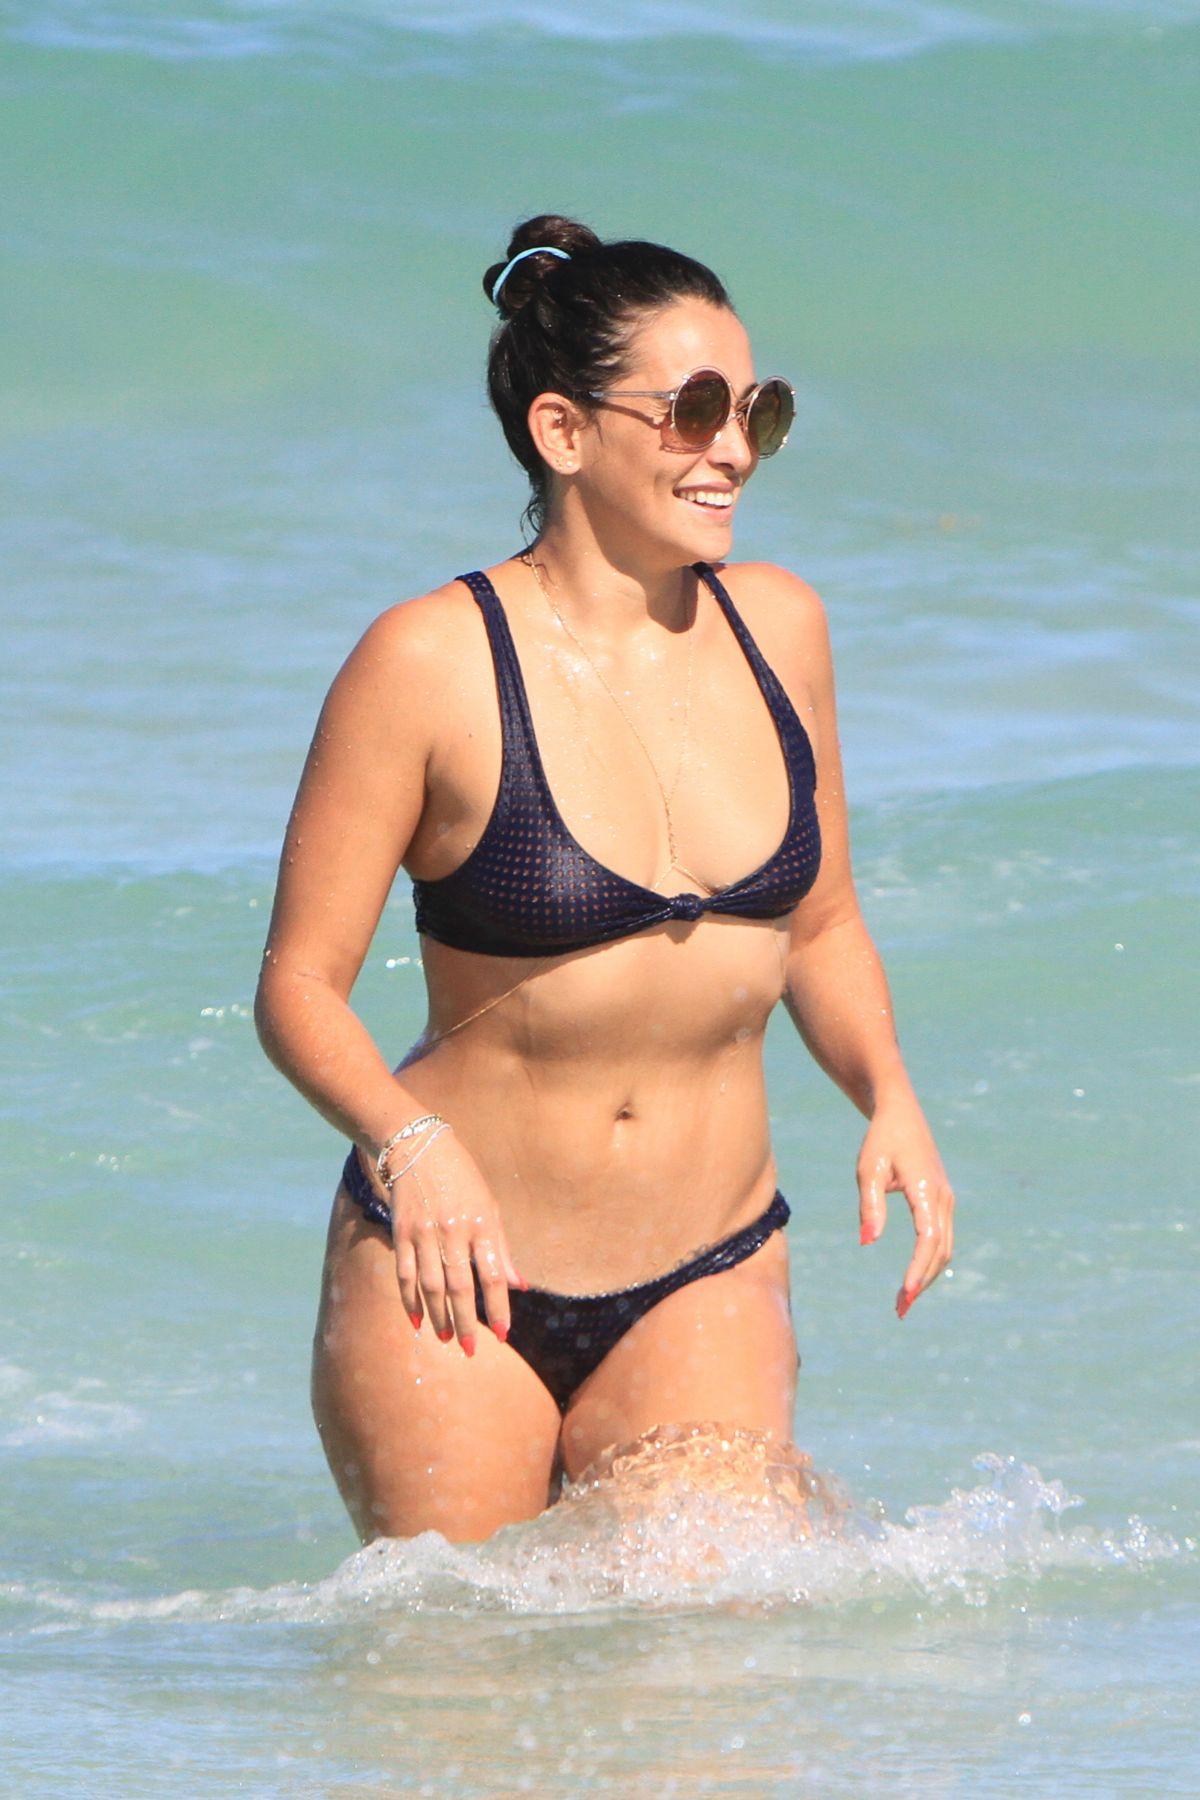 Bikini dare photo